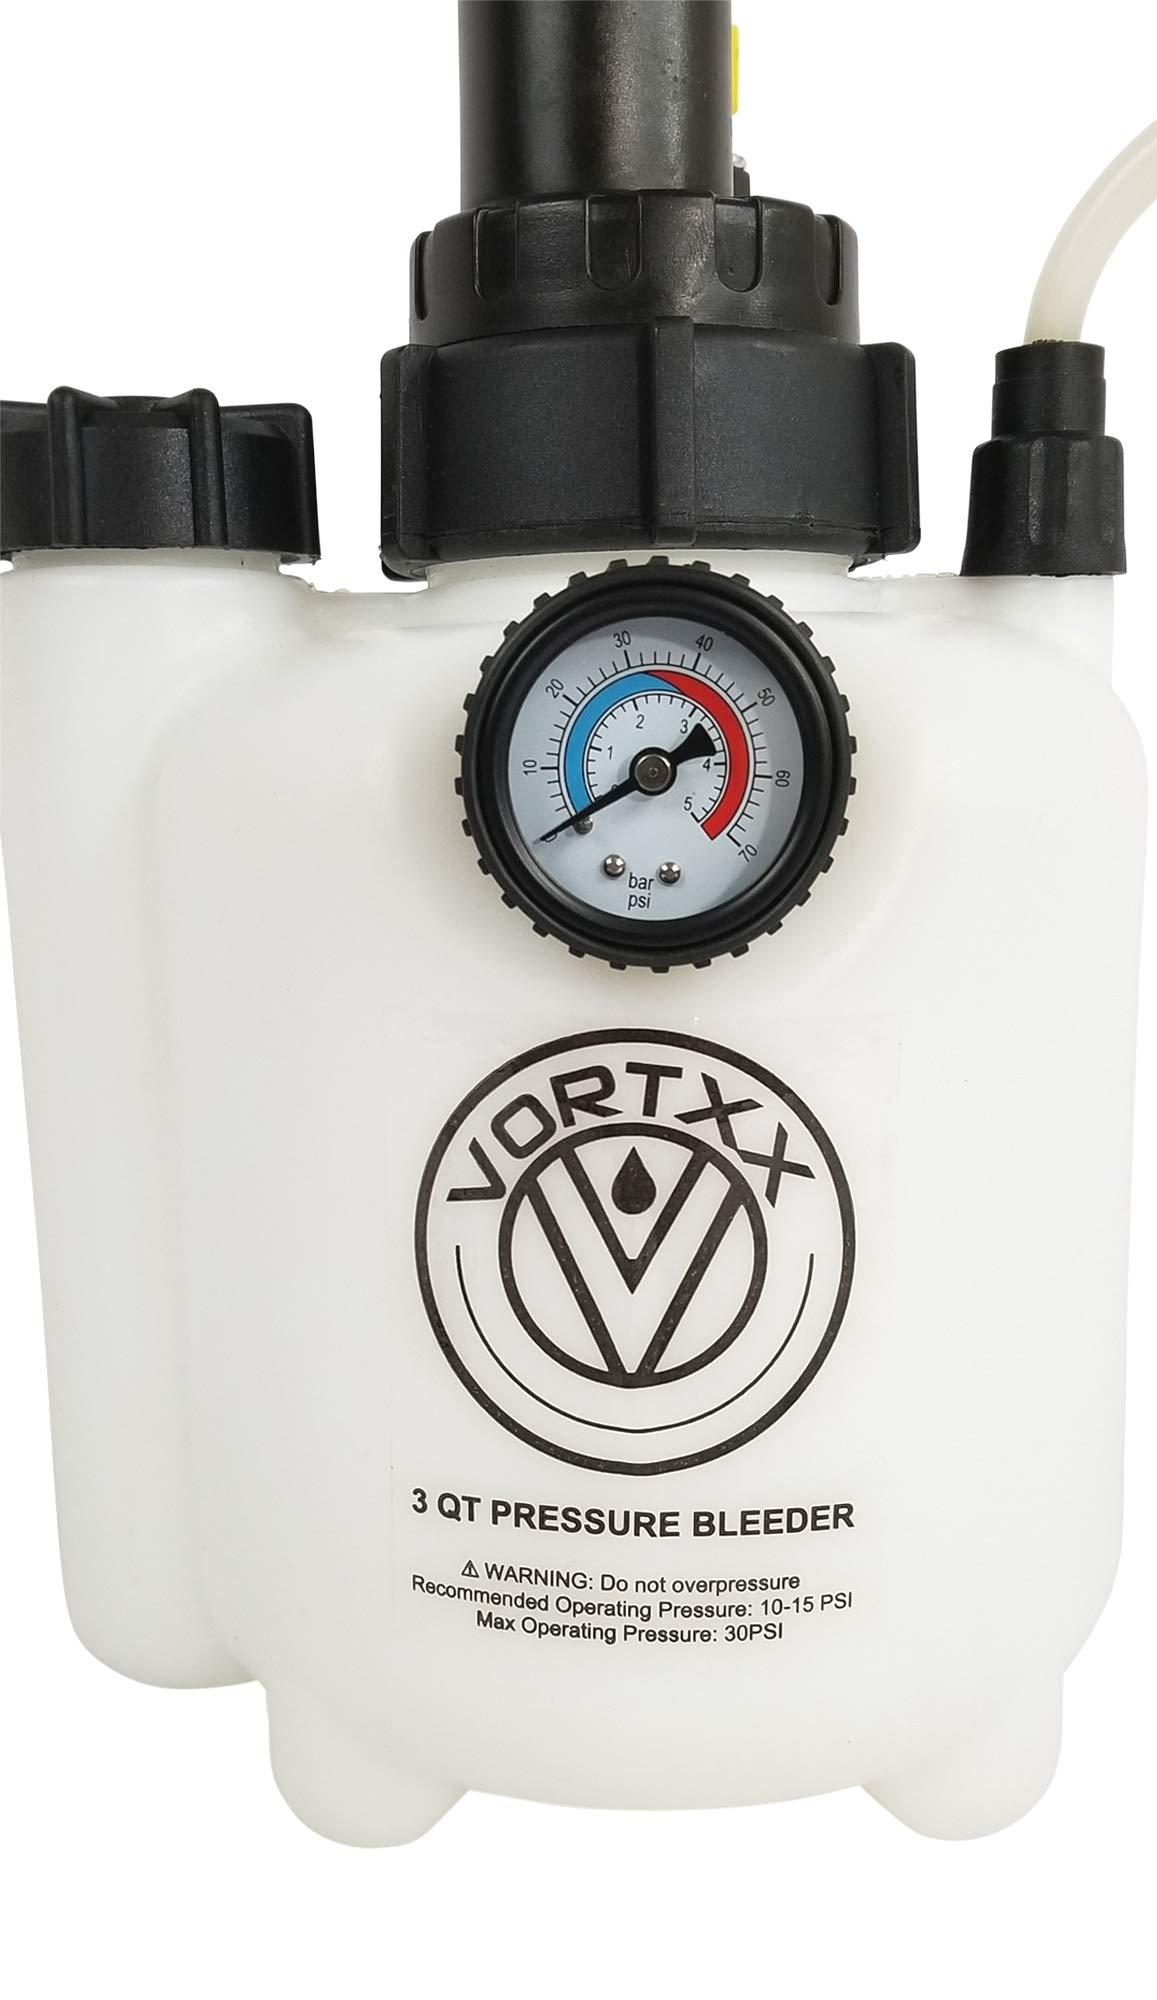 Vortxx 3L Pressure Brake Bleeder w/European Adapter - Easy One Person DIY by Vortxx (Image #5)